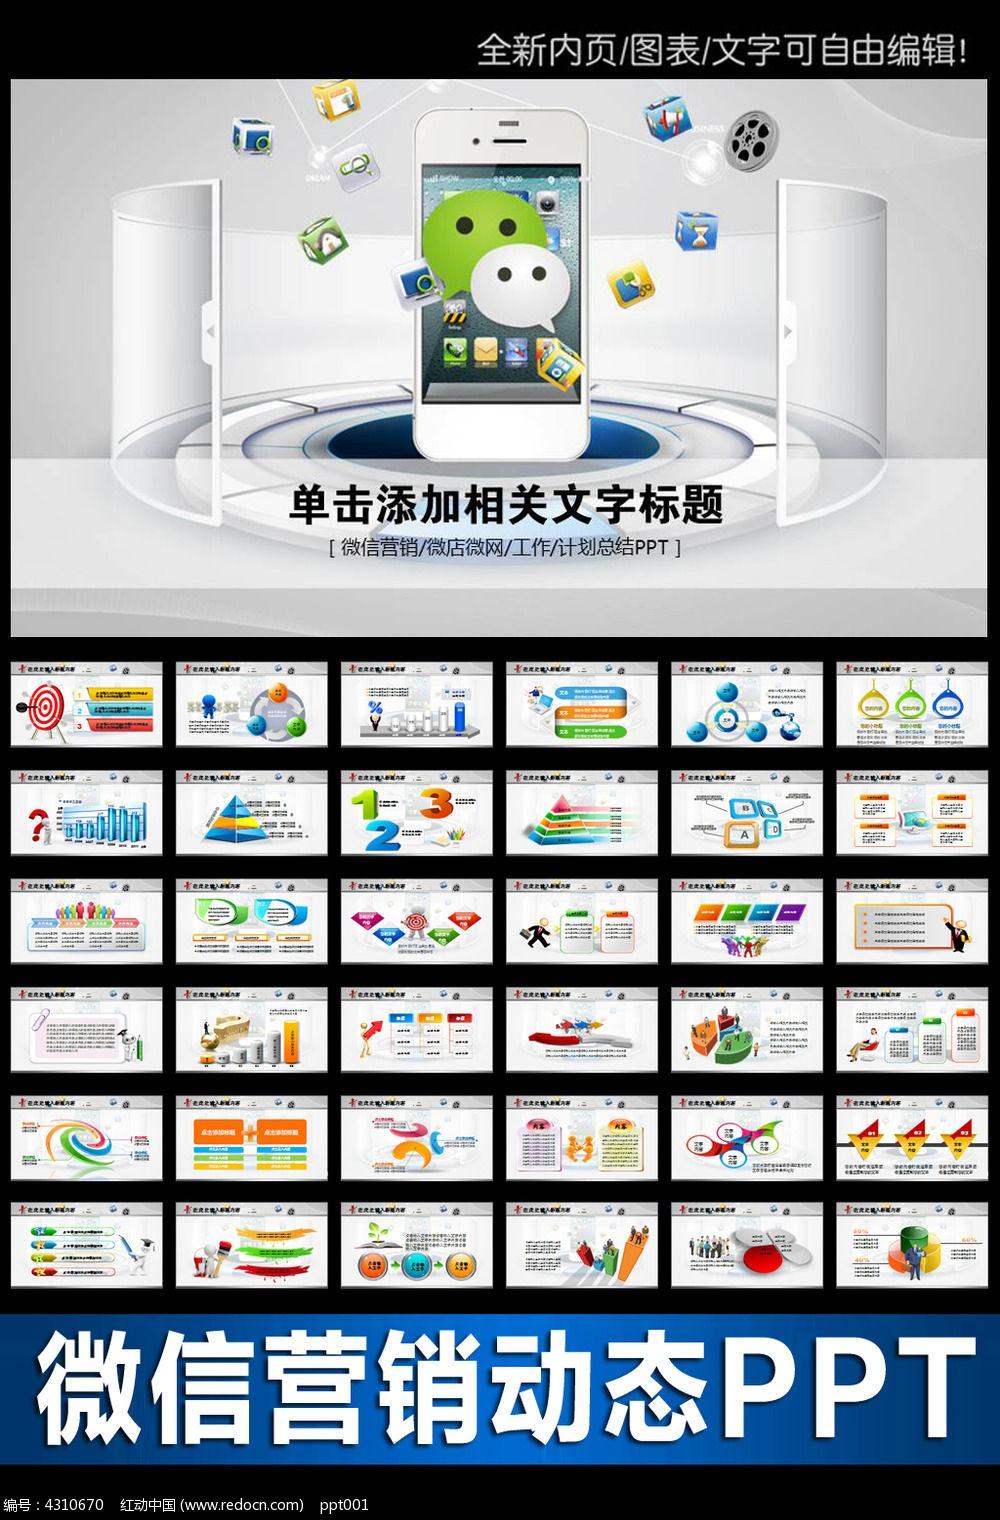 企业微信营销ppt模板